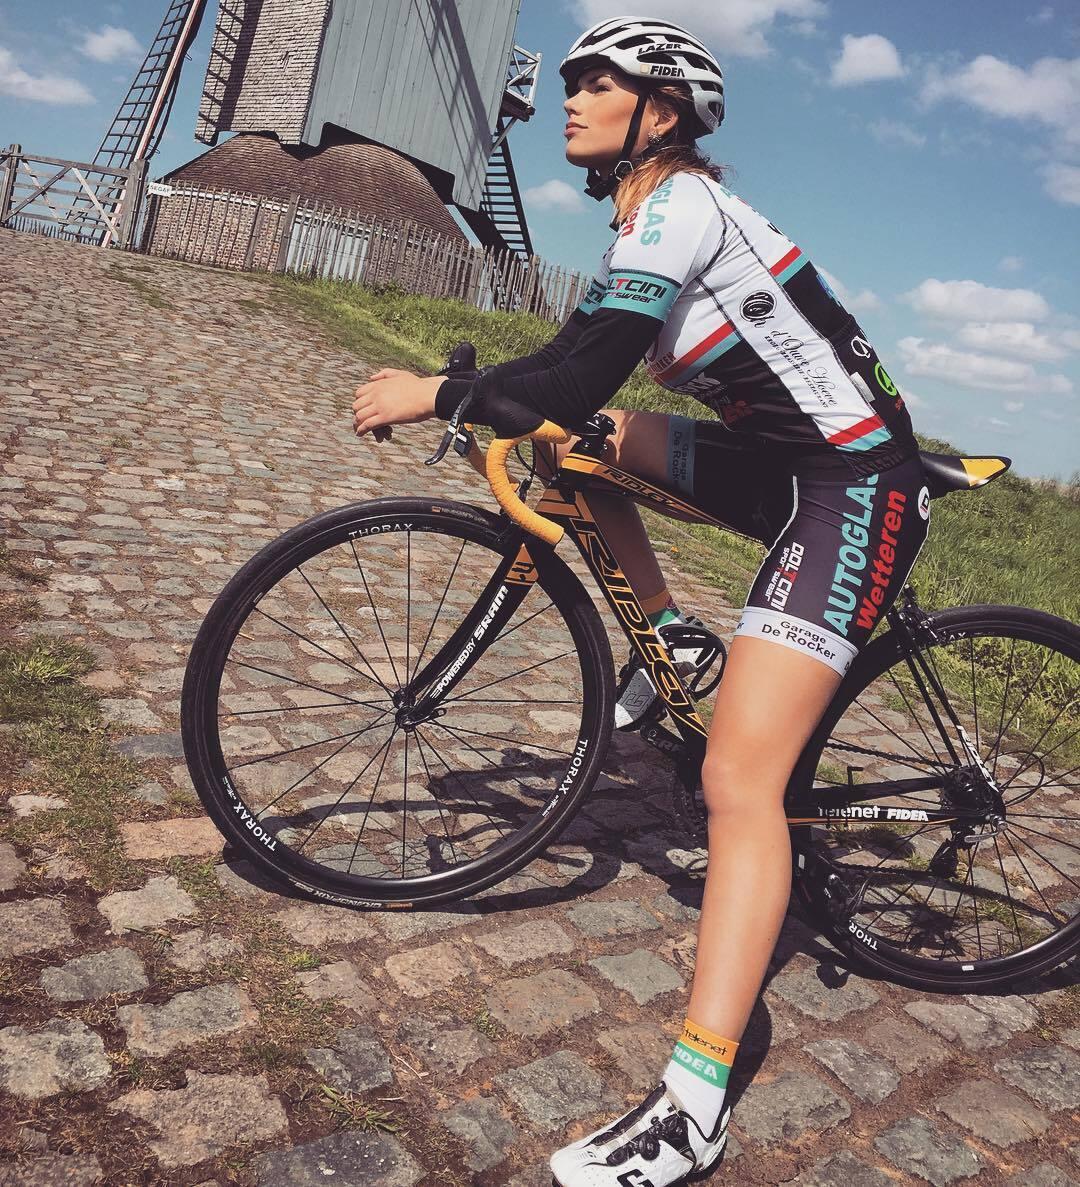 Хакеры слили обнаженные фото самой очаровательной велогонщицы Голландии